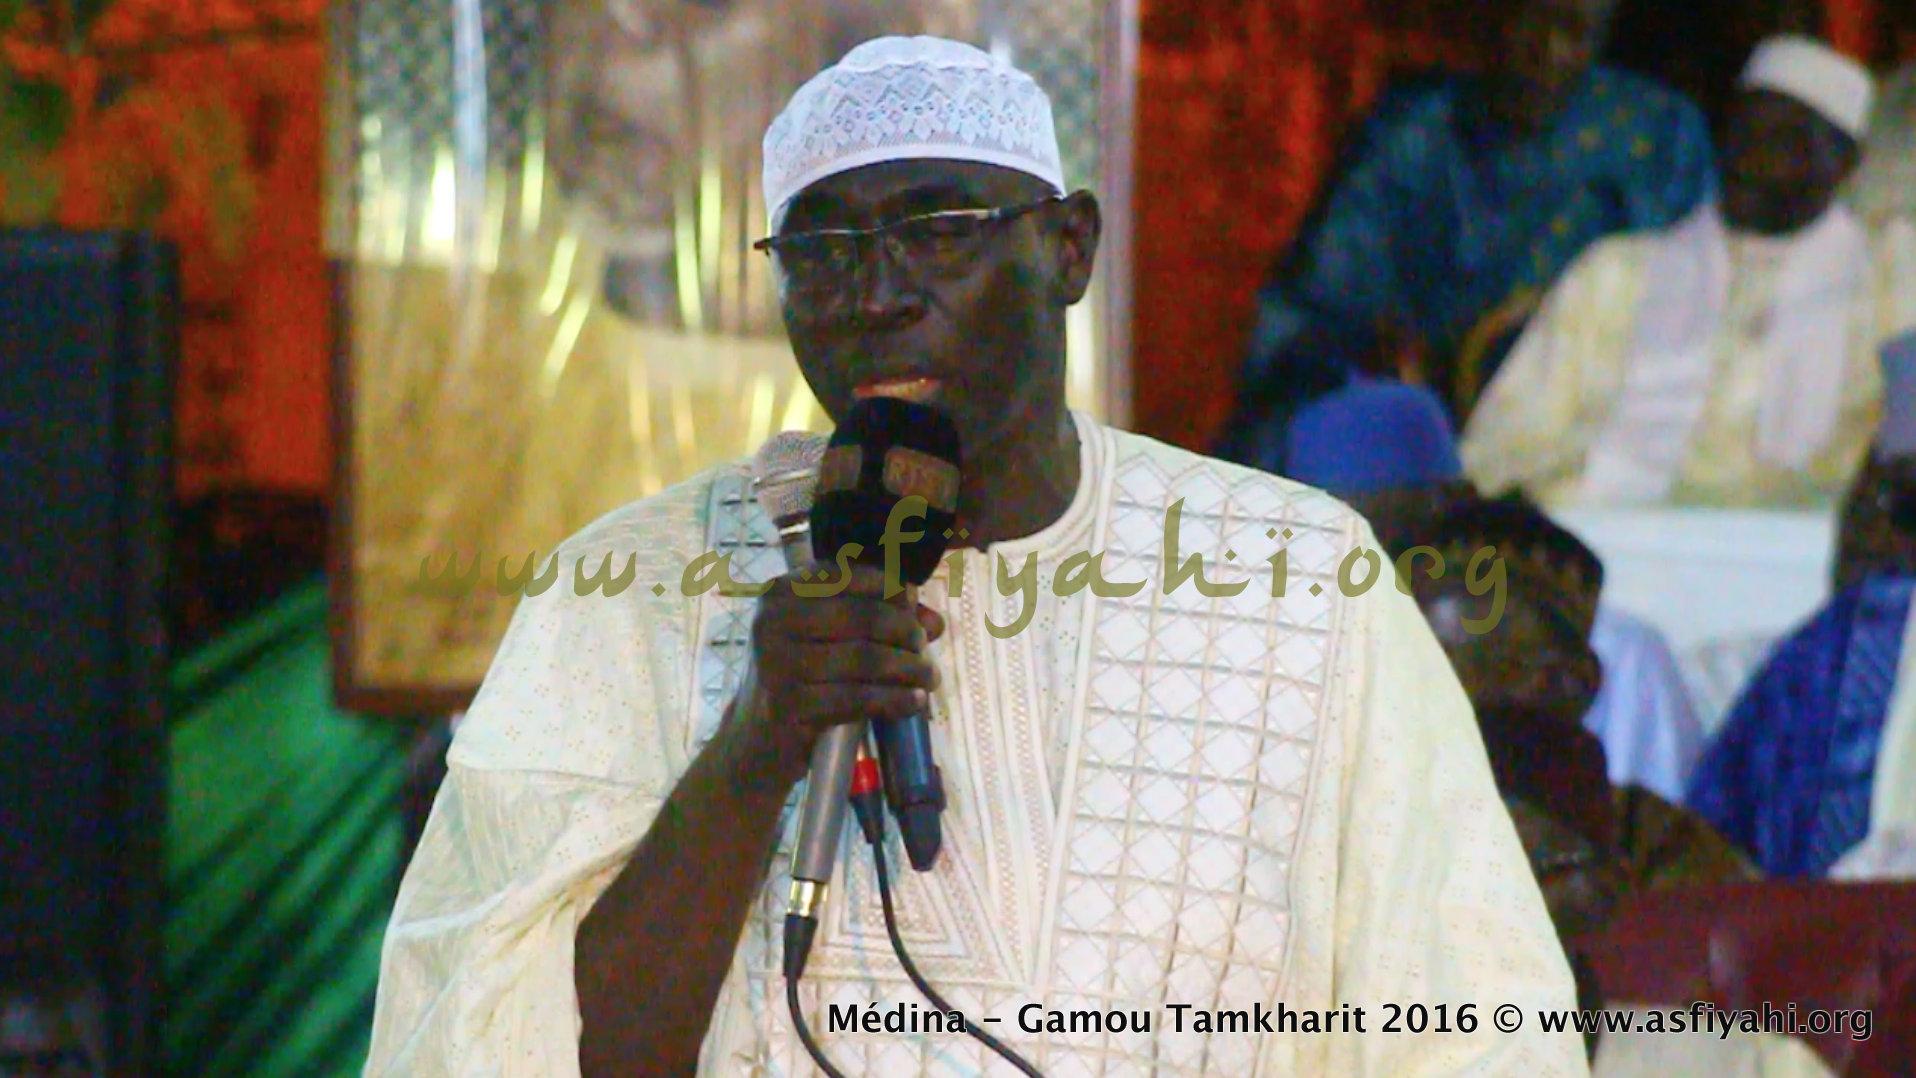 PHOTOS - 11 OCTOBRE 2016 - Les Images du Gamou Tamkharit 2016 à la Médina, présidé par Serigne Mbaye Sy Mansour